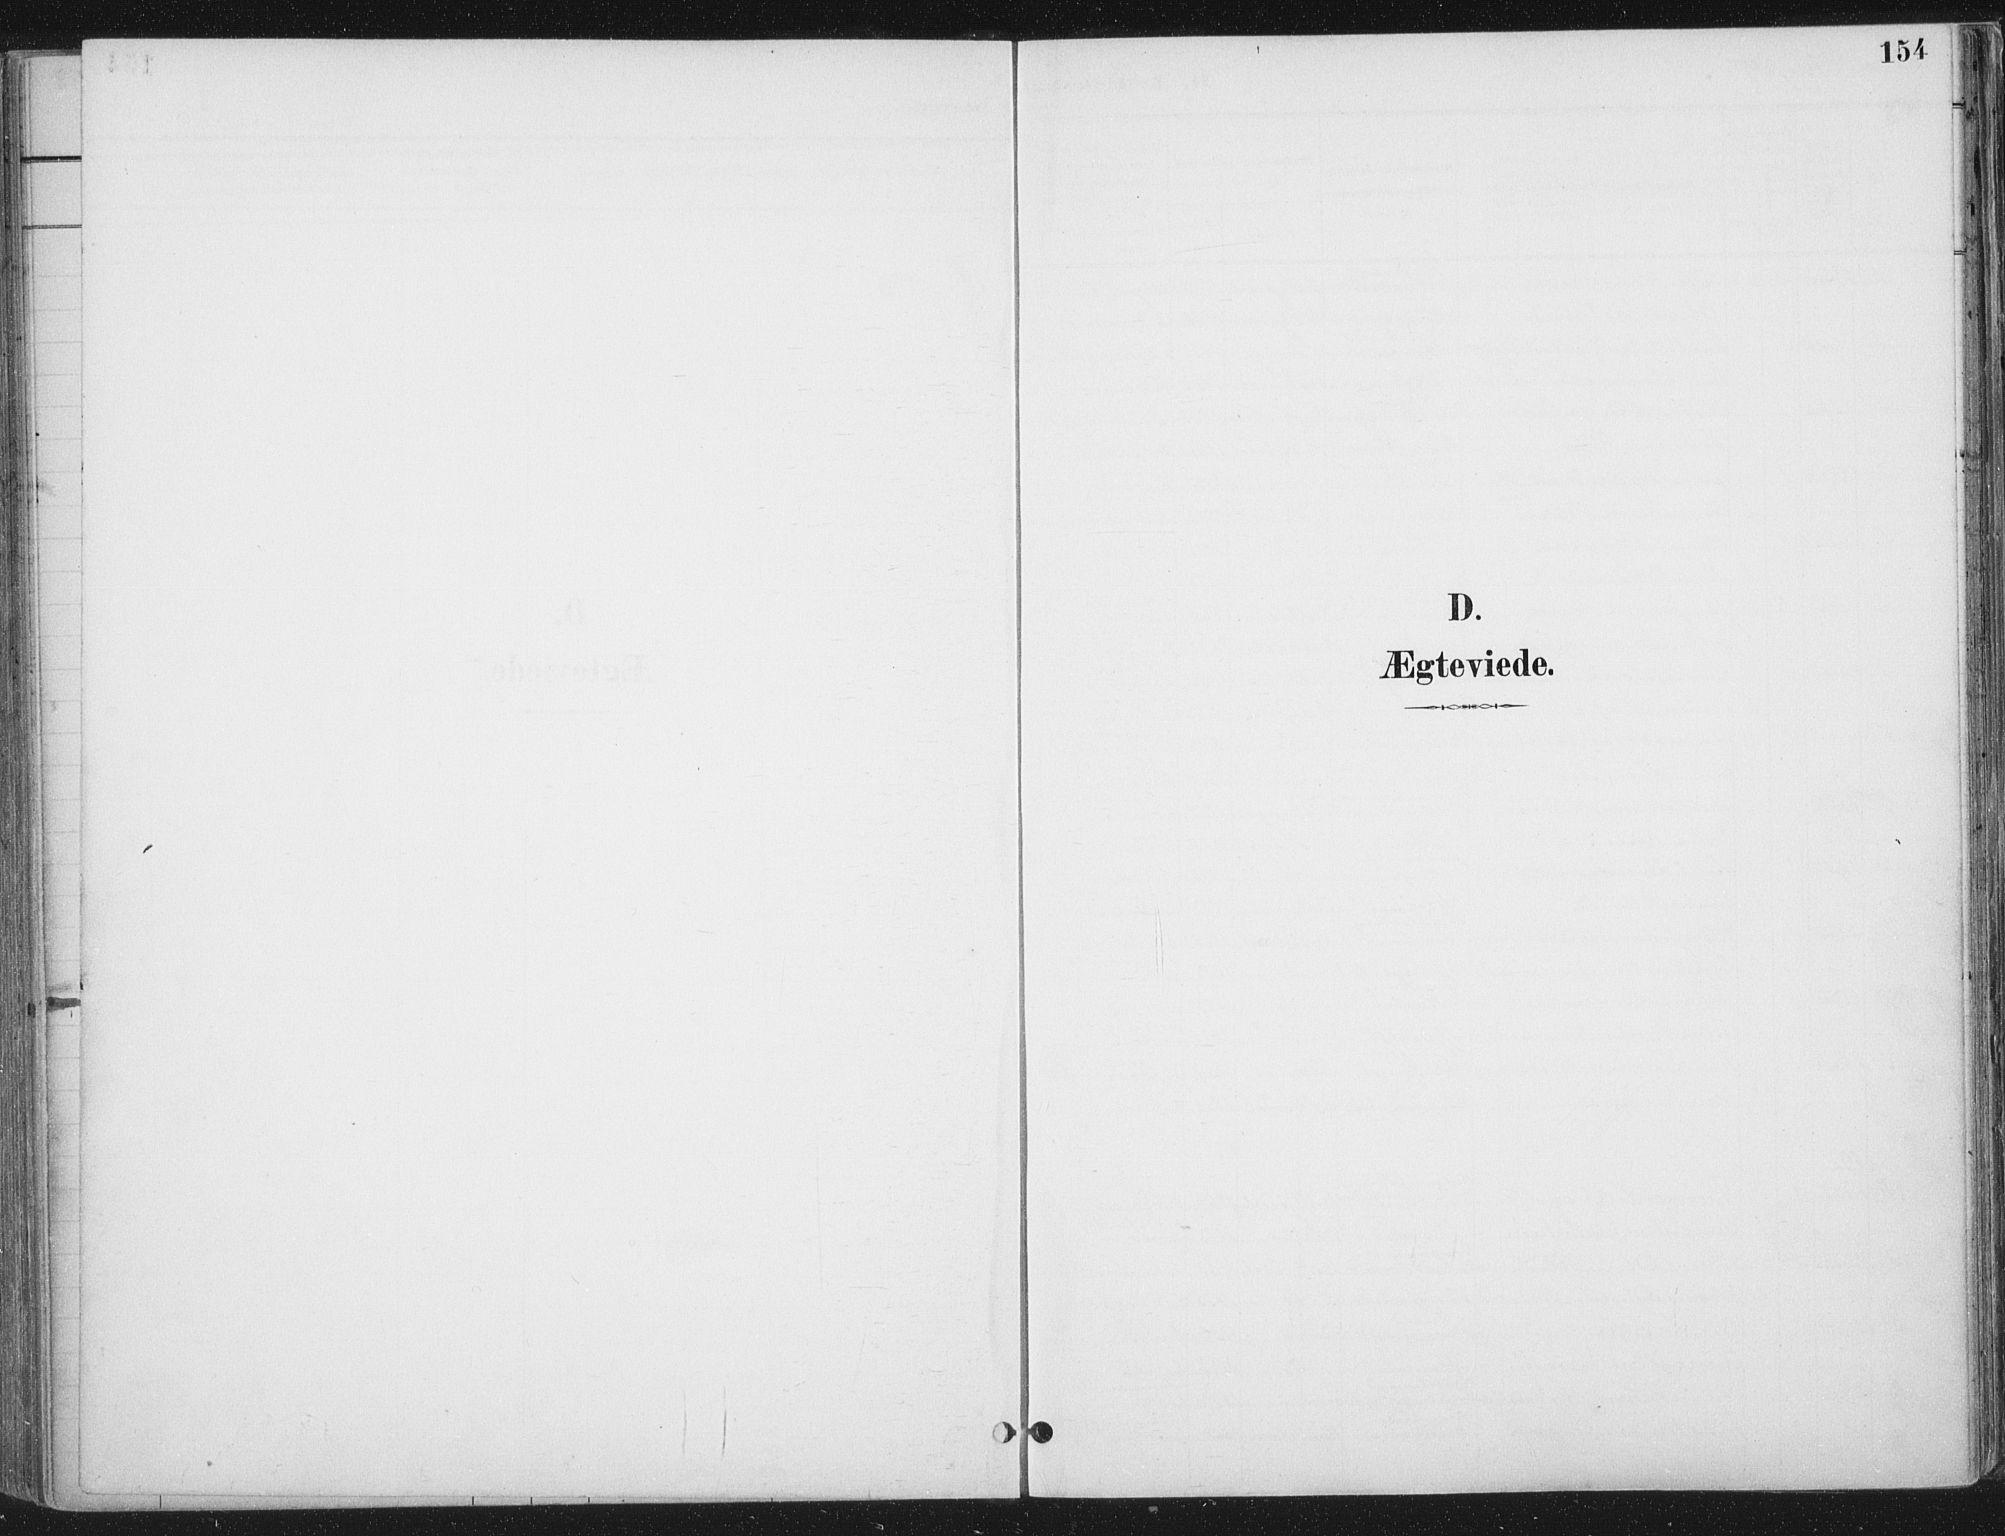 SAT, Ministerialprotokoller, klokkerbøker og fødselsregistre - Nord-Trøndelag, 709/L0082: Ministerialbok nr. 709A22, 1896-1916, s. 154